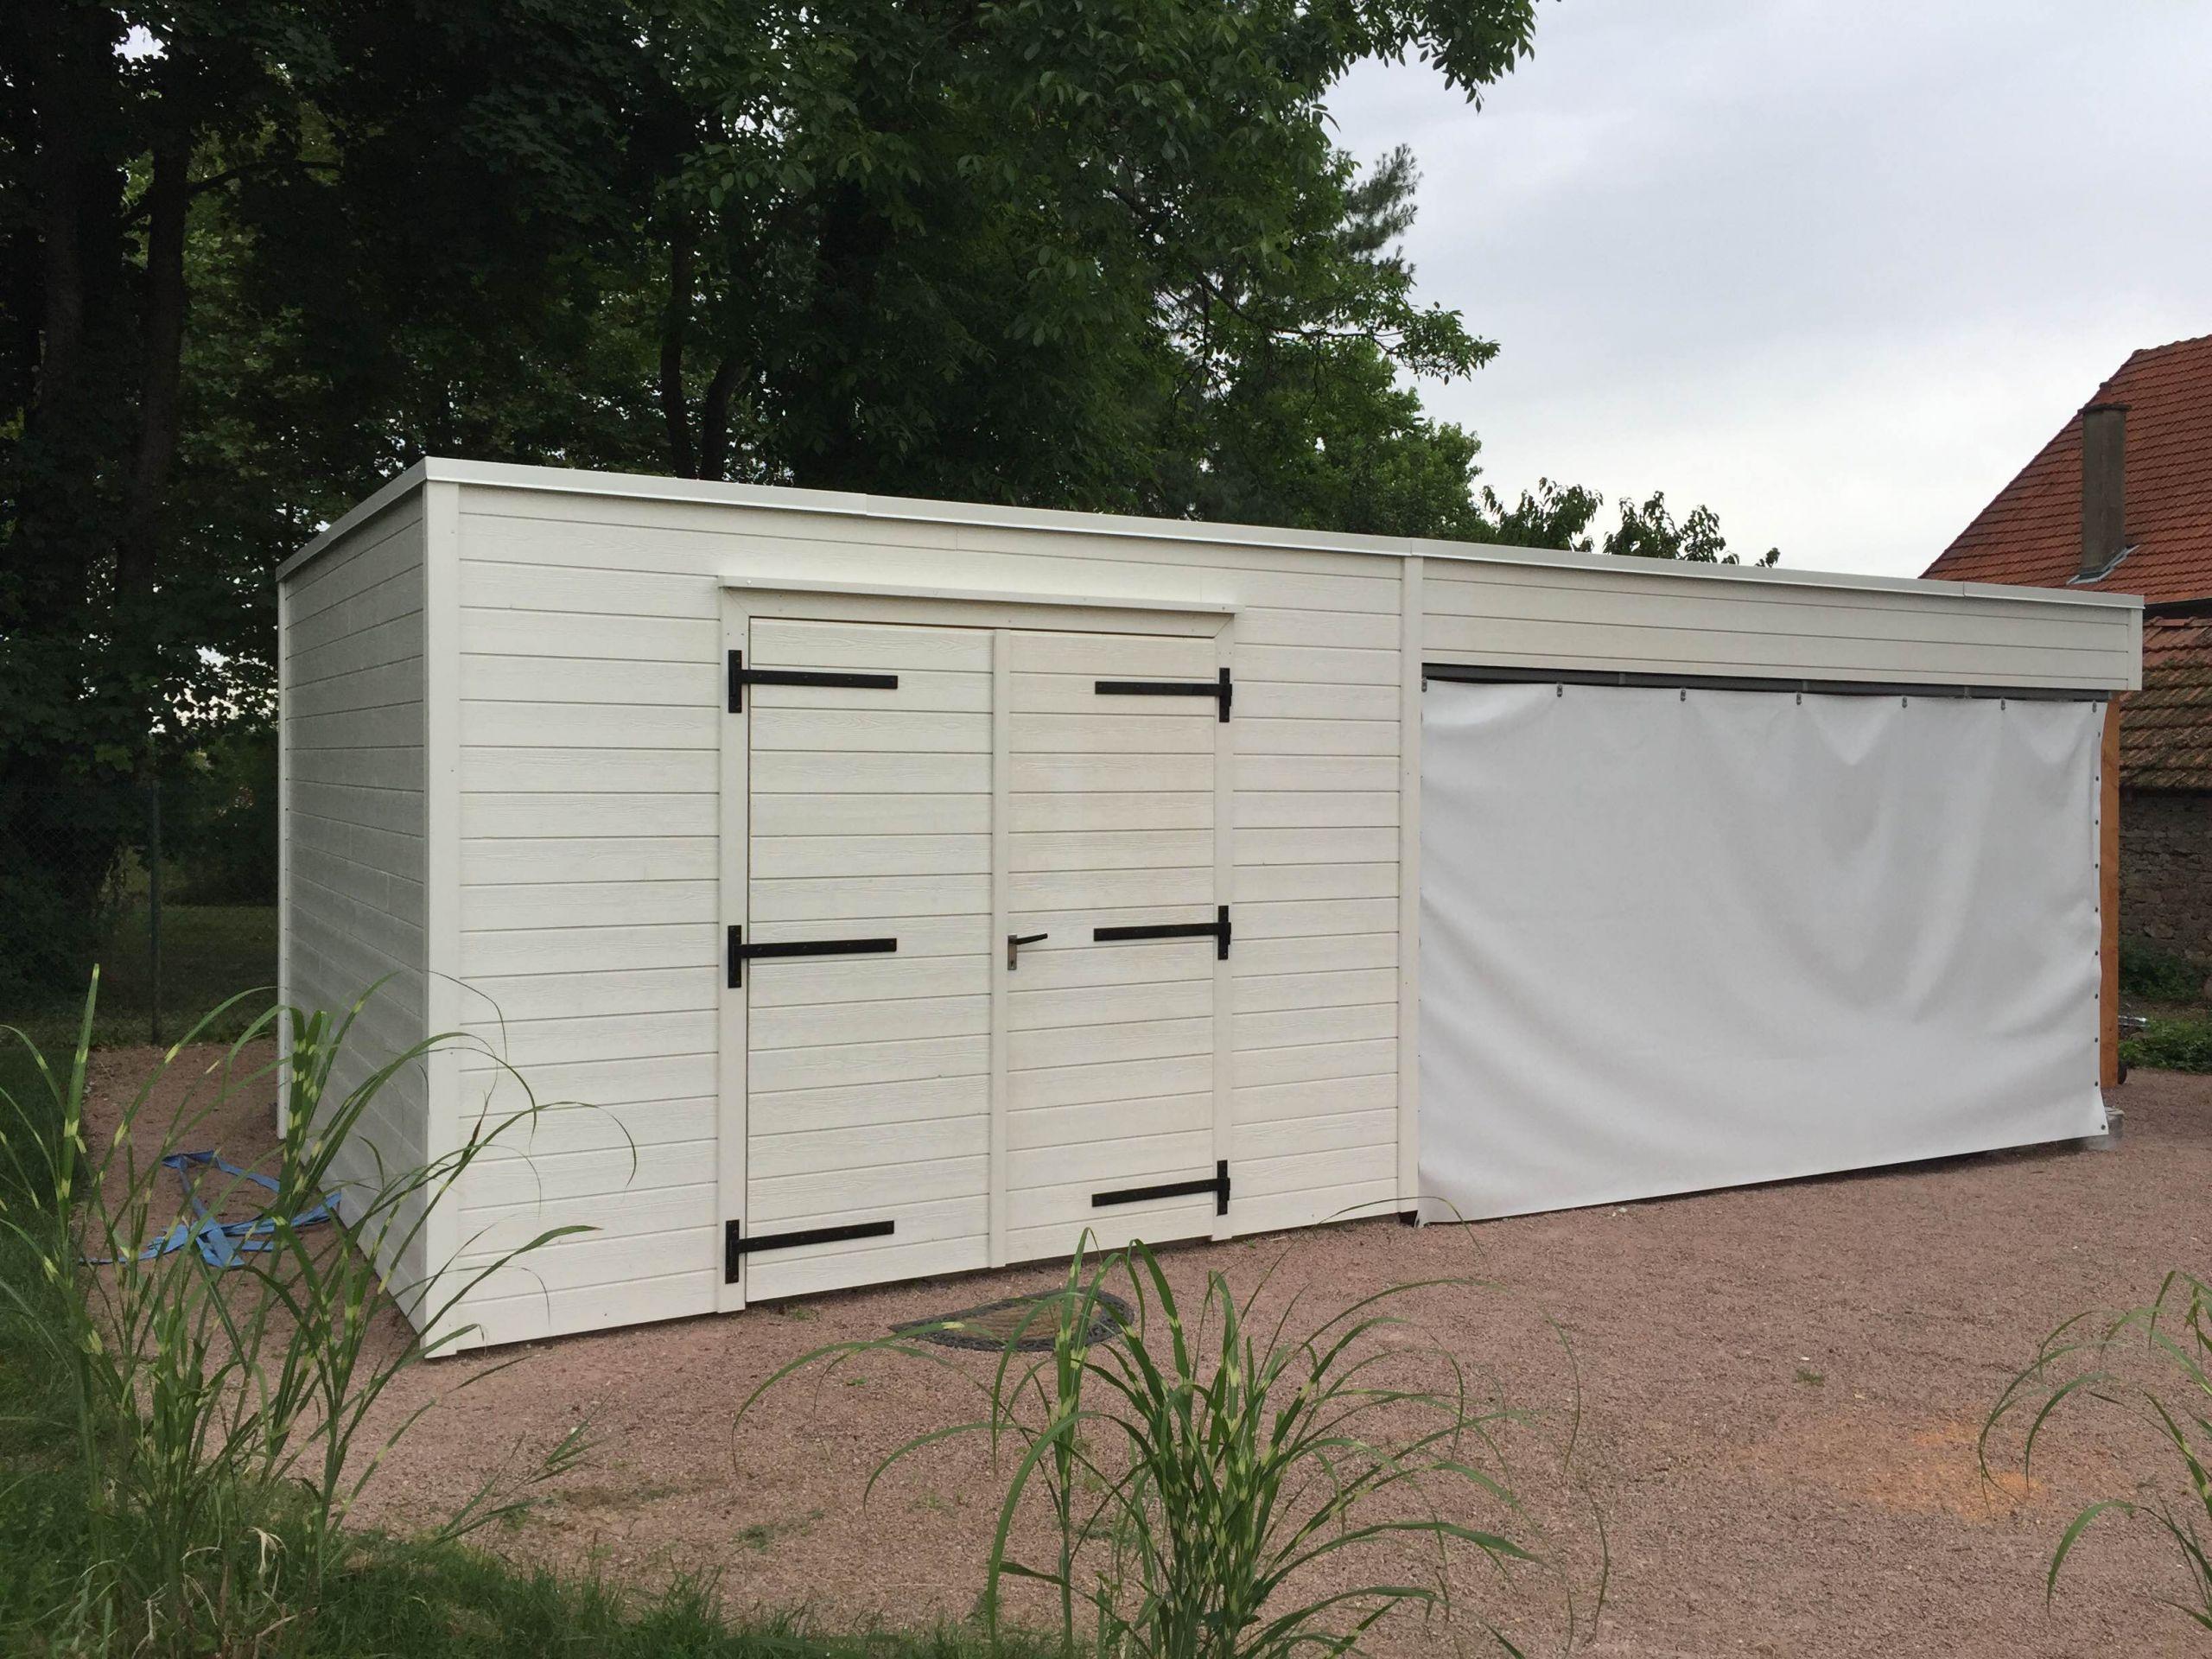 Abris de jardin NORDI BOIS Construction maisons madrier